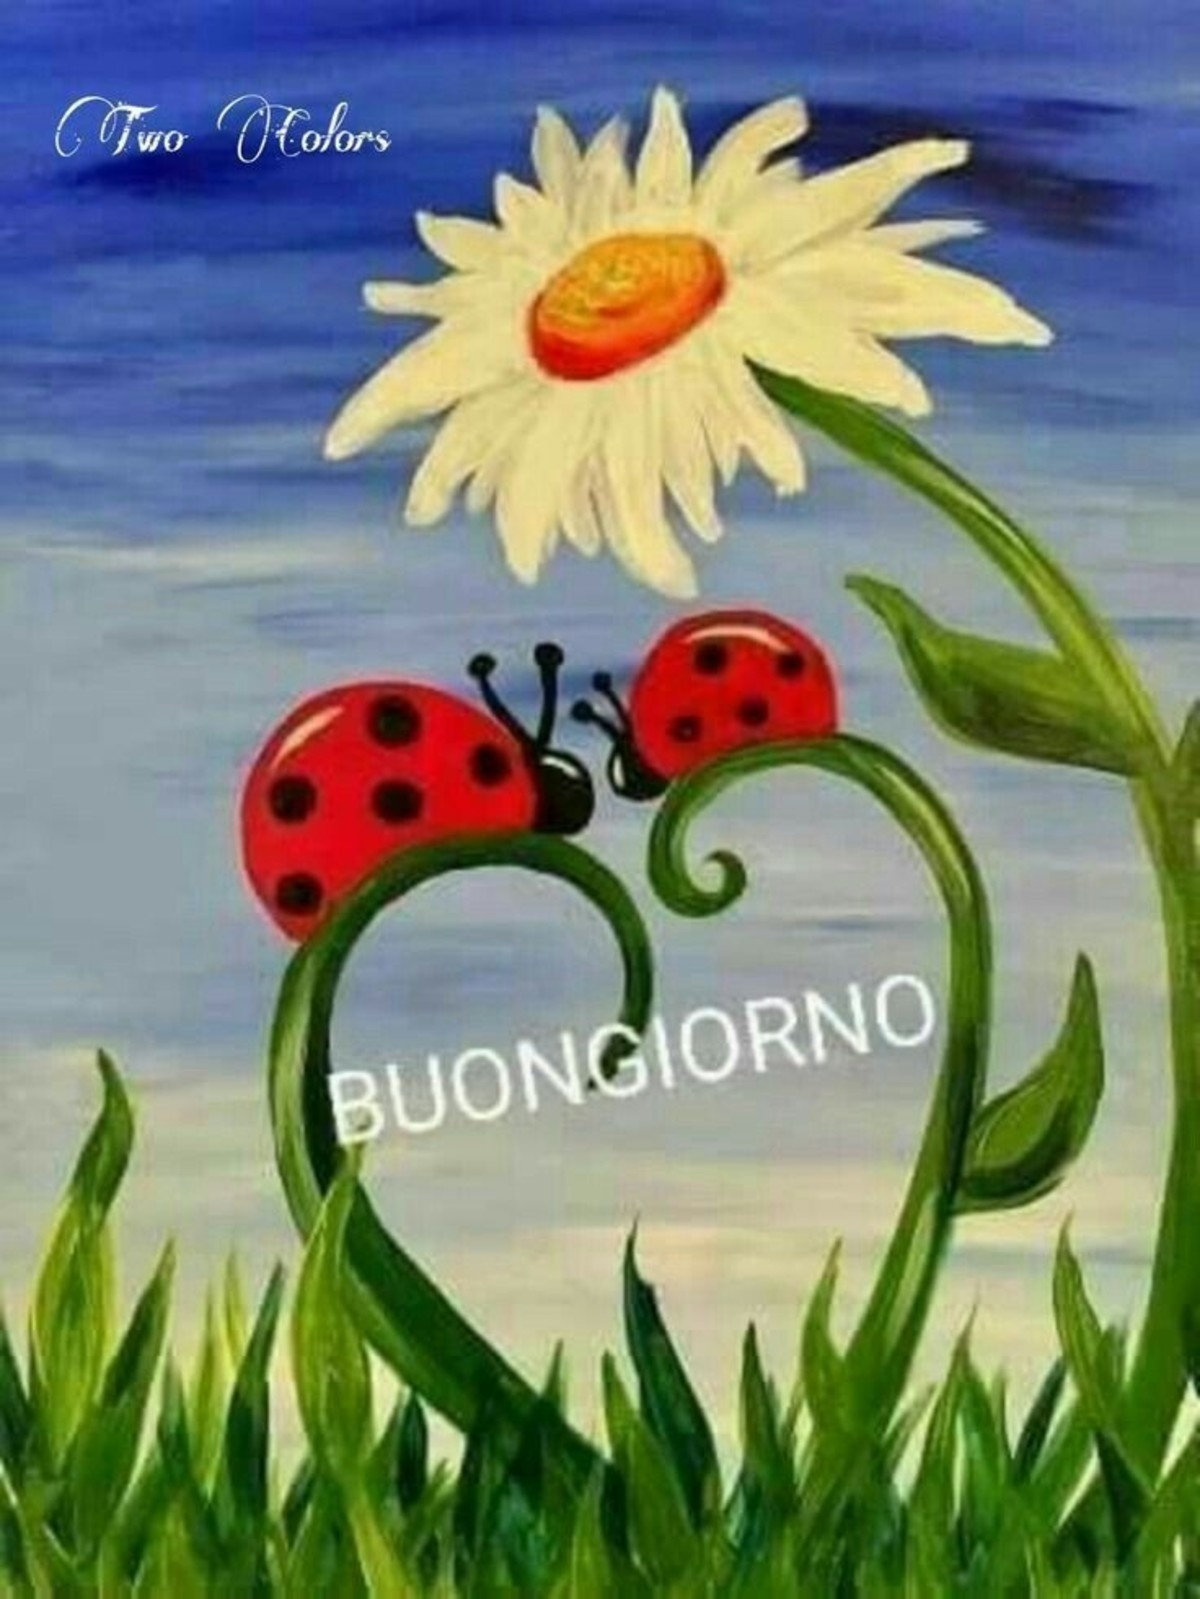 Buongiorno A Tutti 21 Buongiornoate It